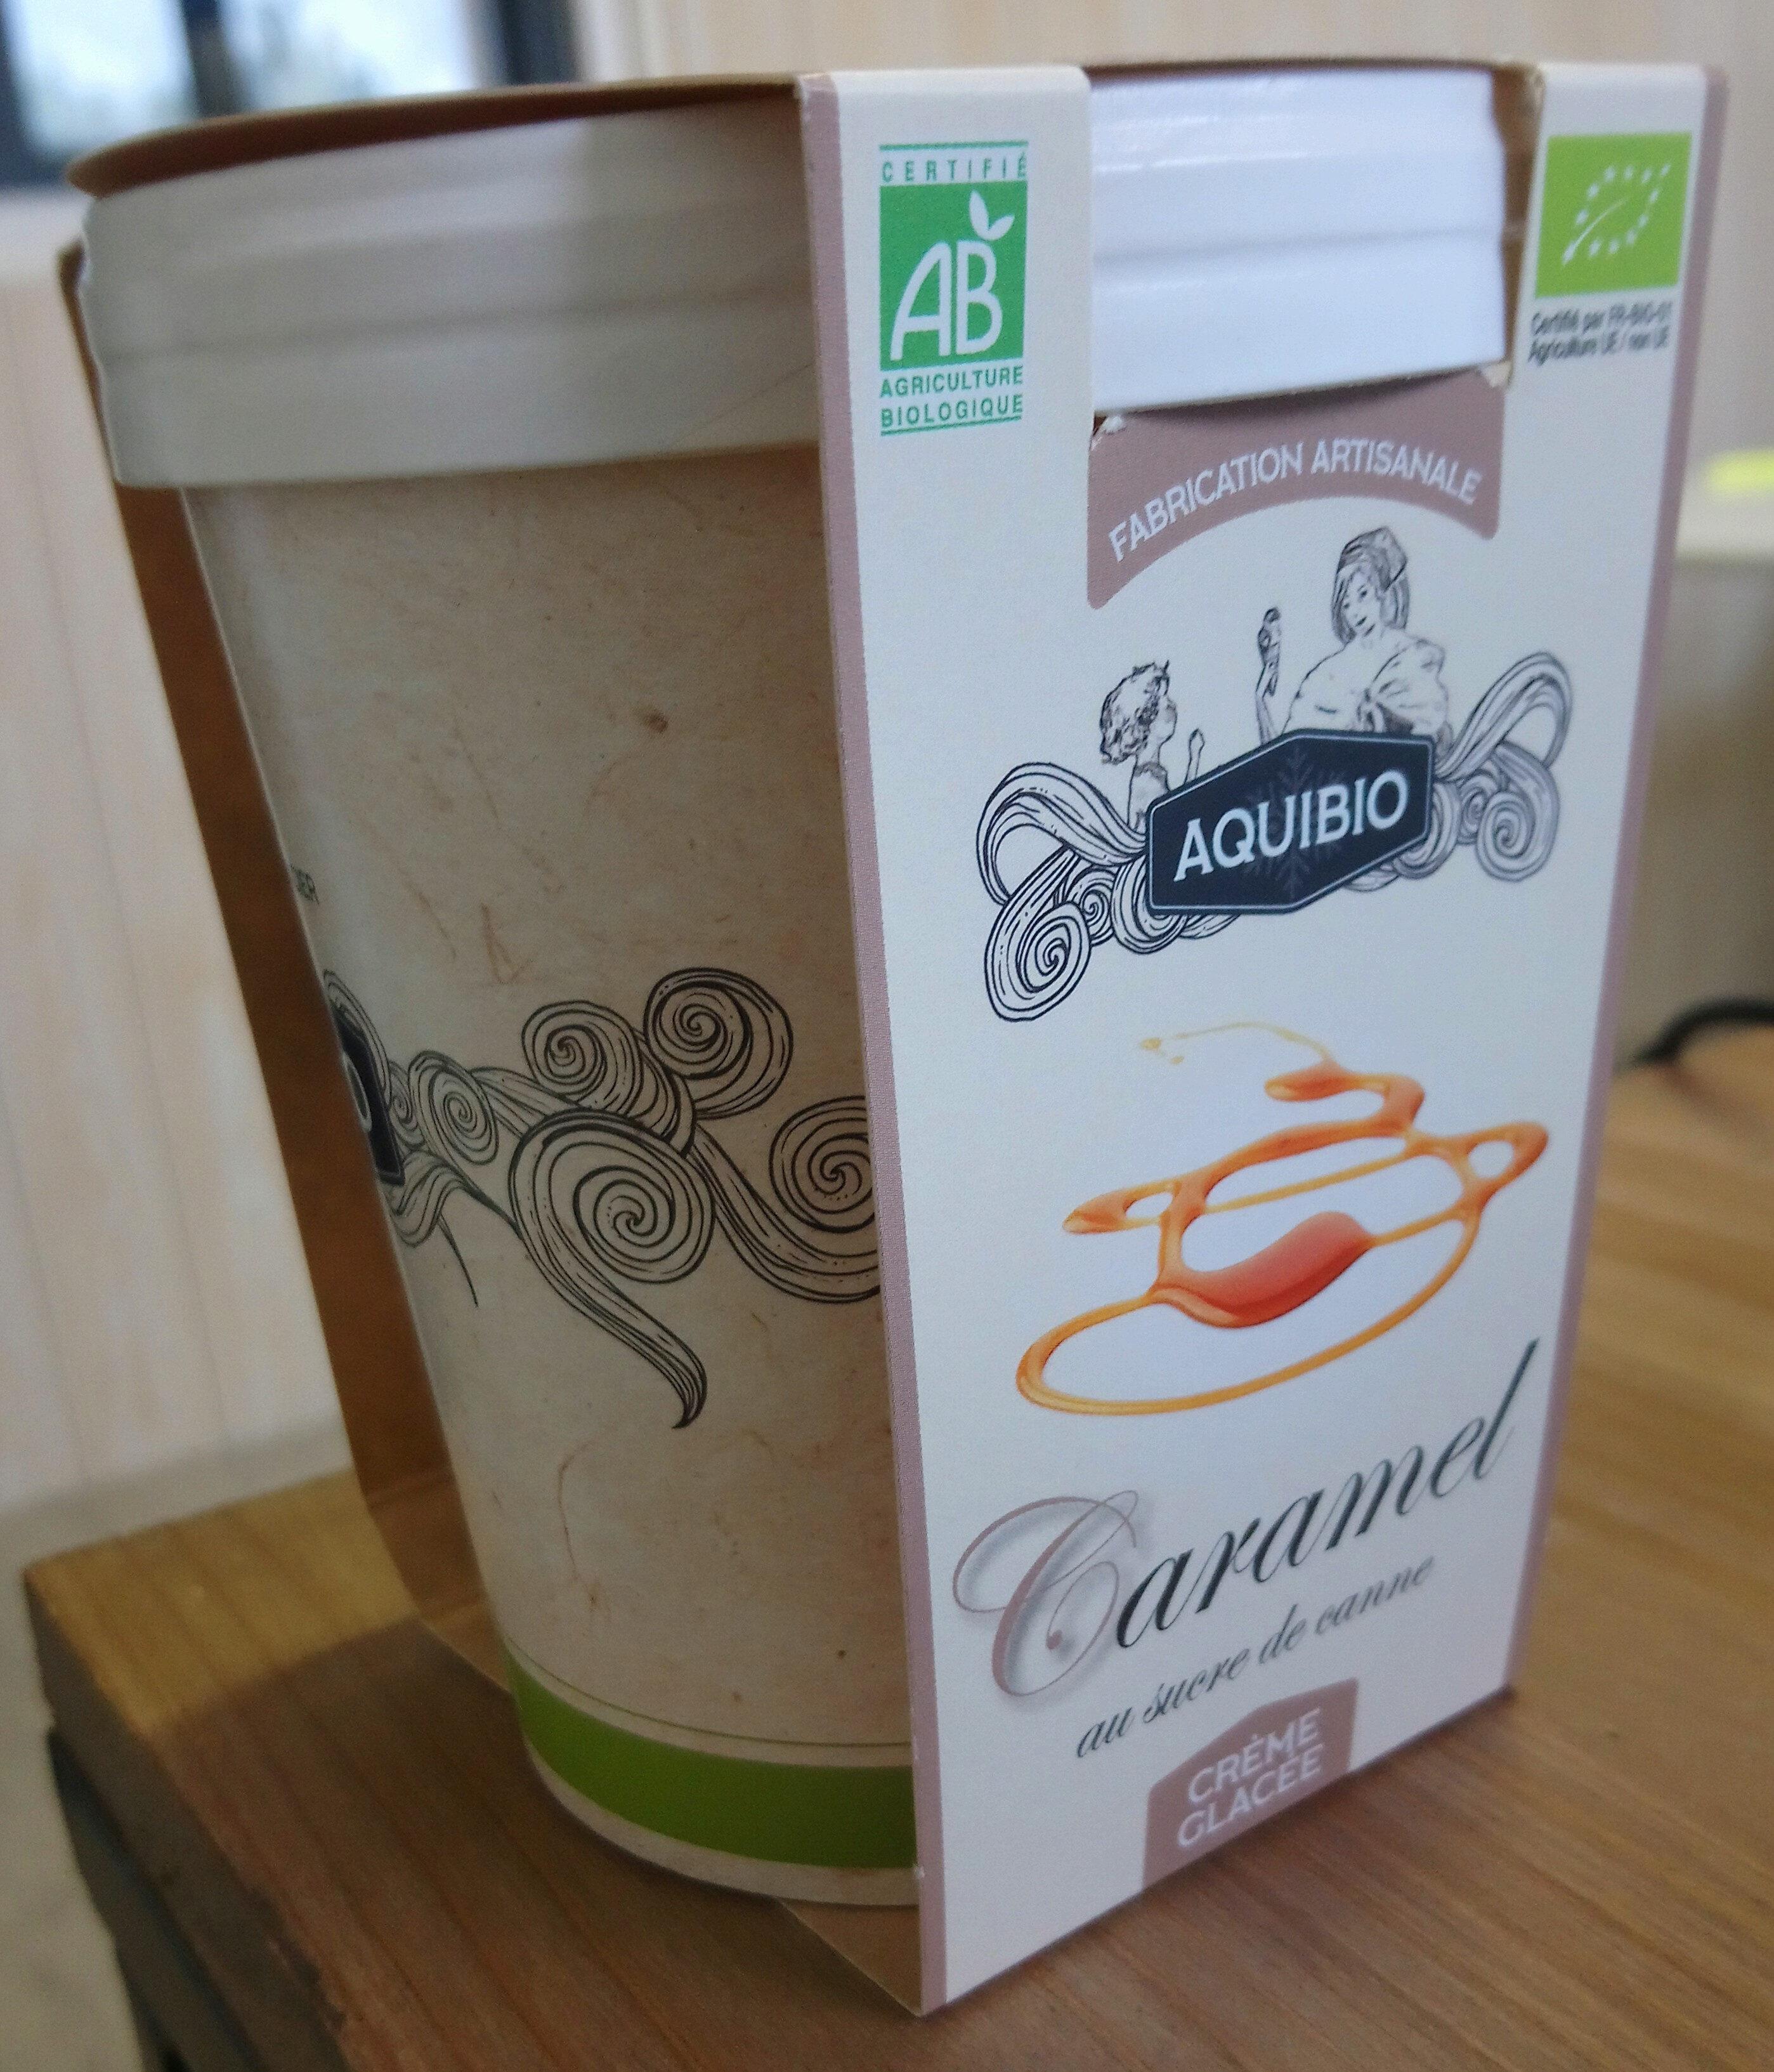 Crème Glacée Caramel au sucre de canne - Product